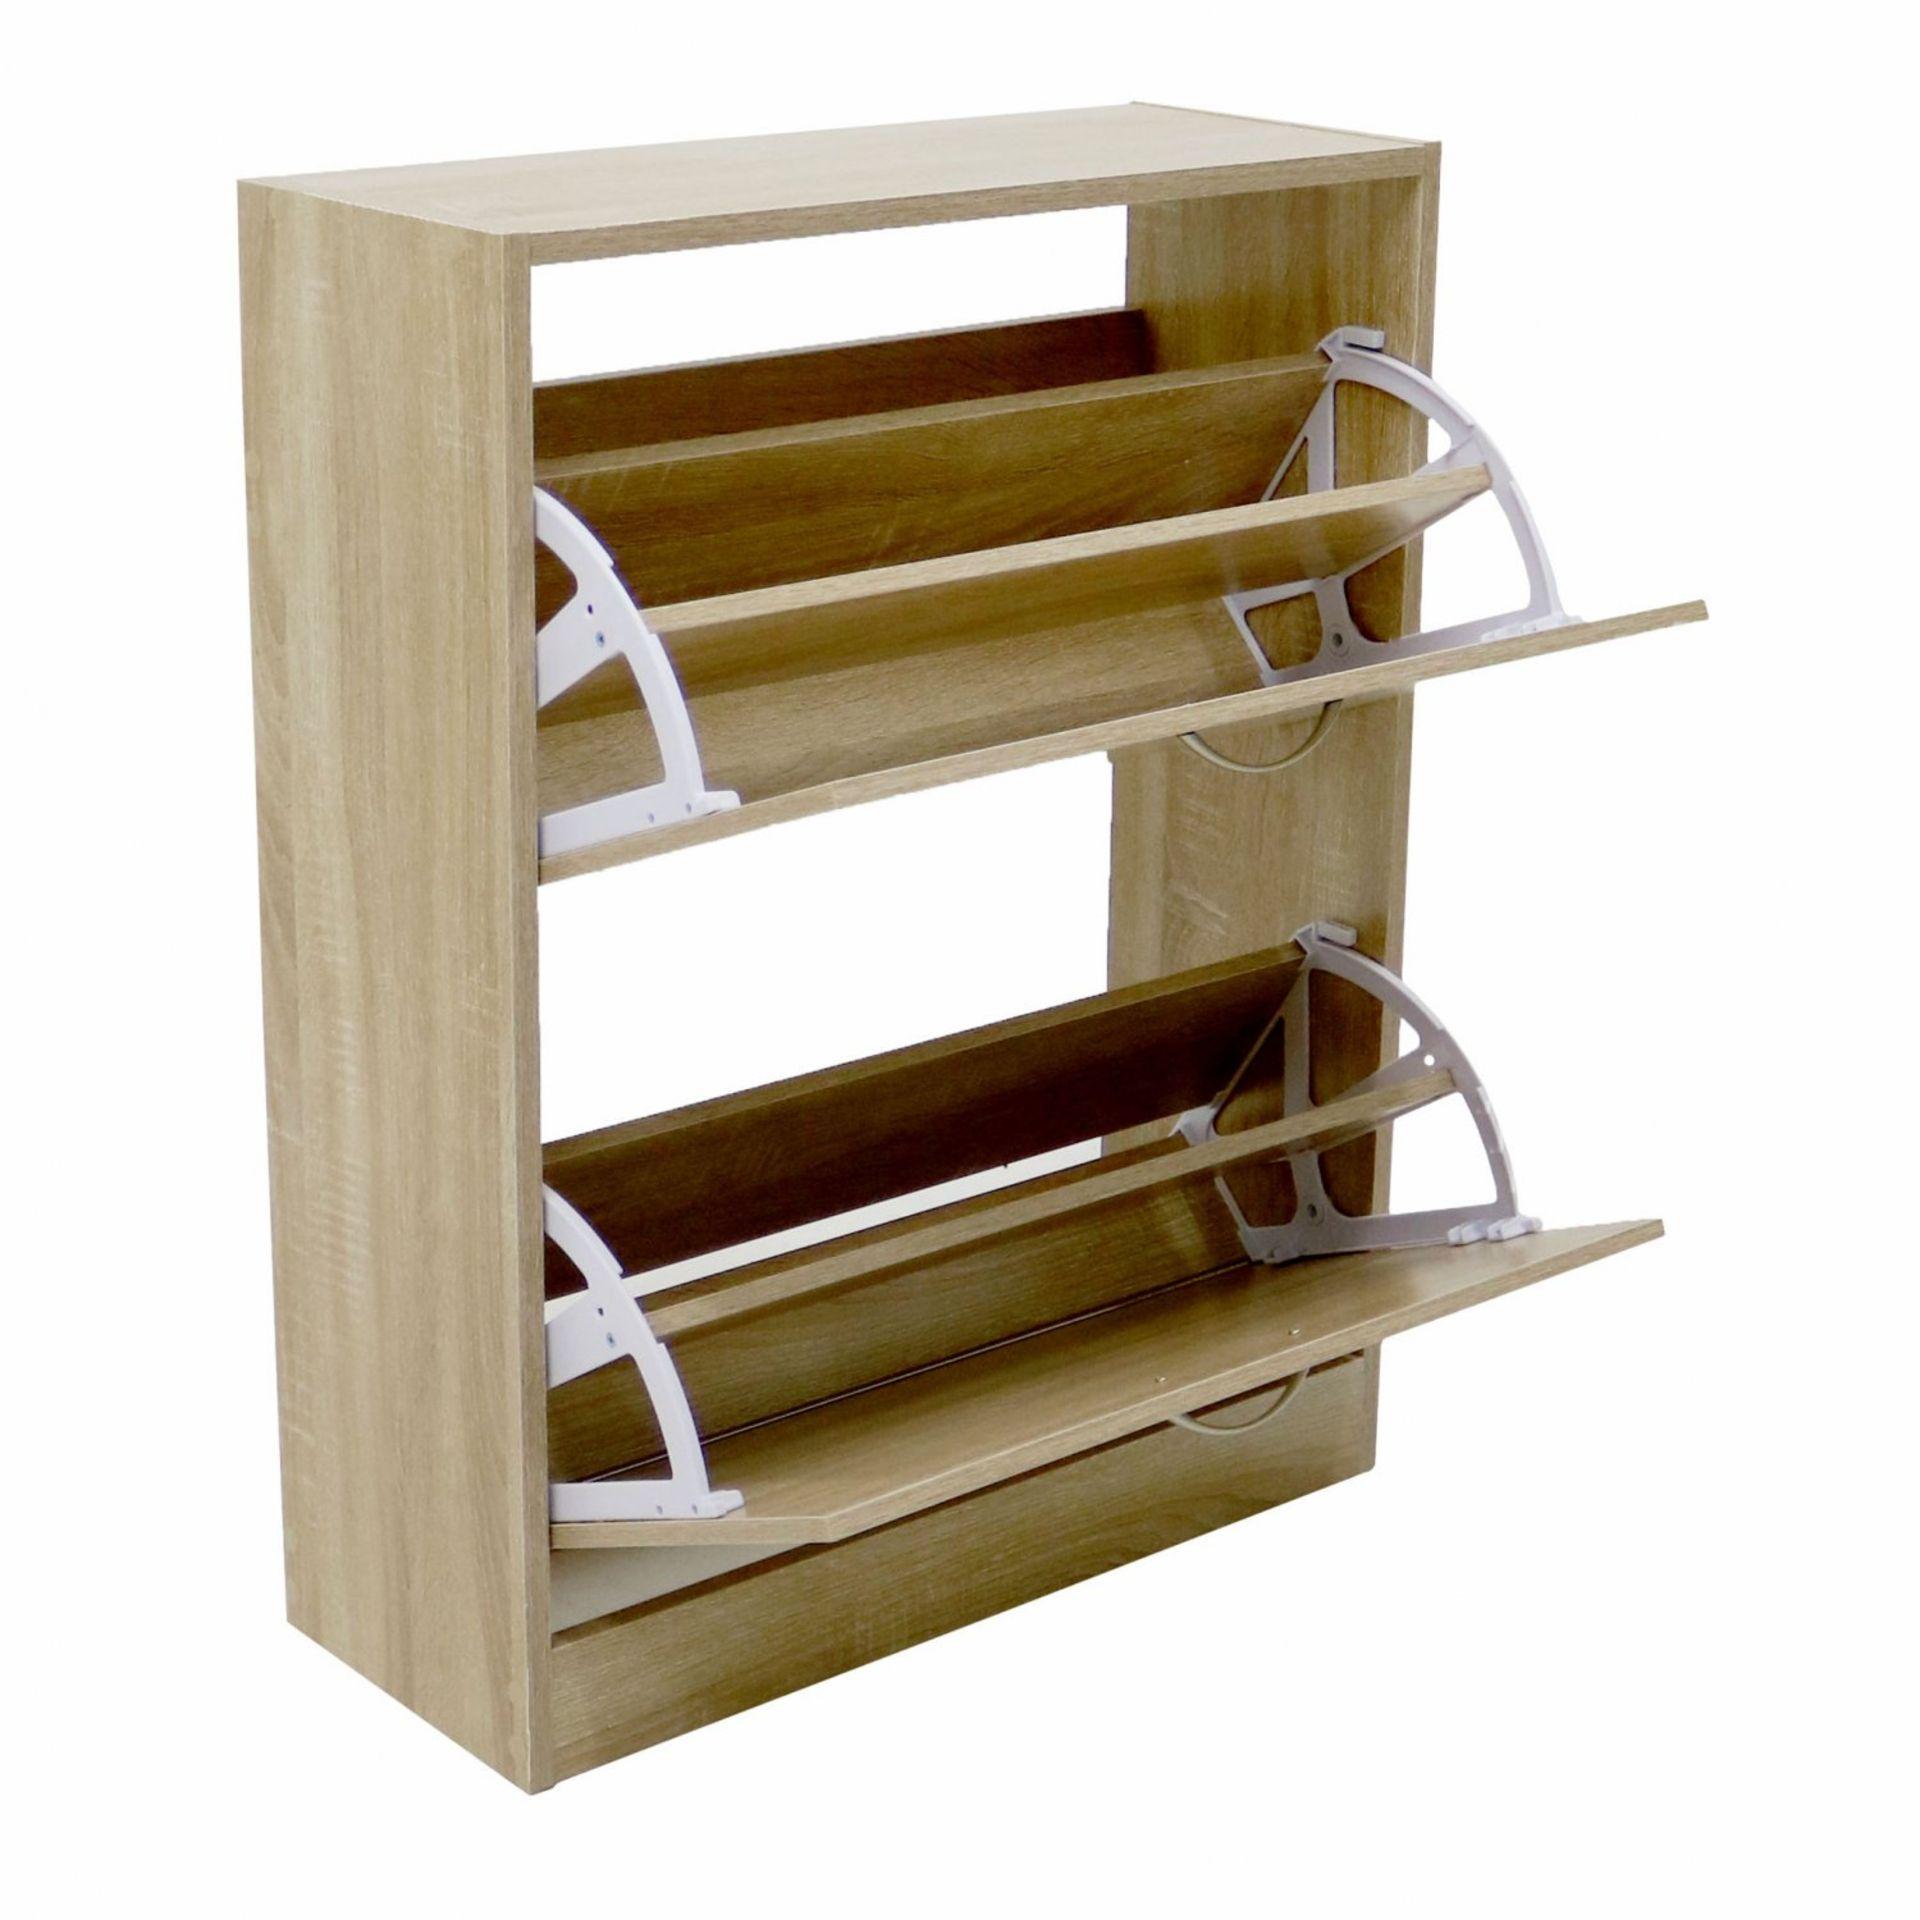 Lot 99 - (RL71) 2 Drawer Oak Effect Shoe Storage Cupboard Cabinet Furniture The shoe cupboard is...